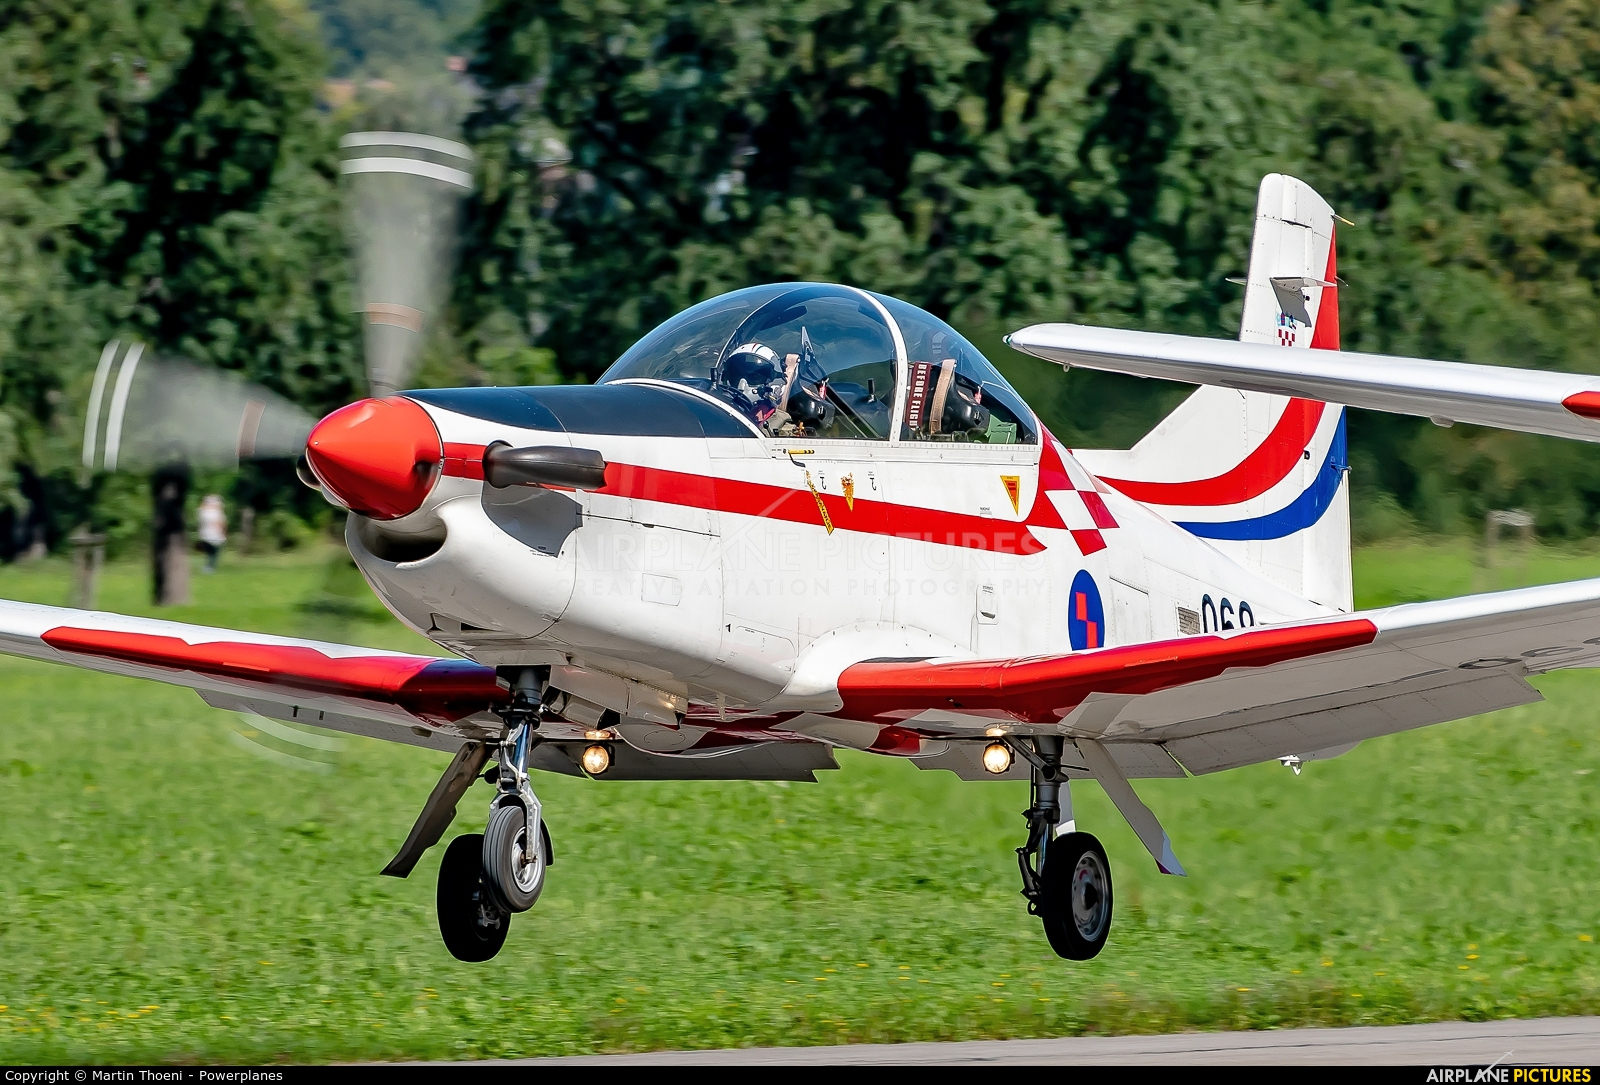 Croatia - Air Force 068 aircraft at Mollis